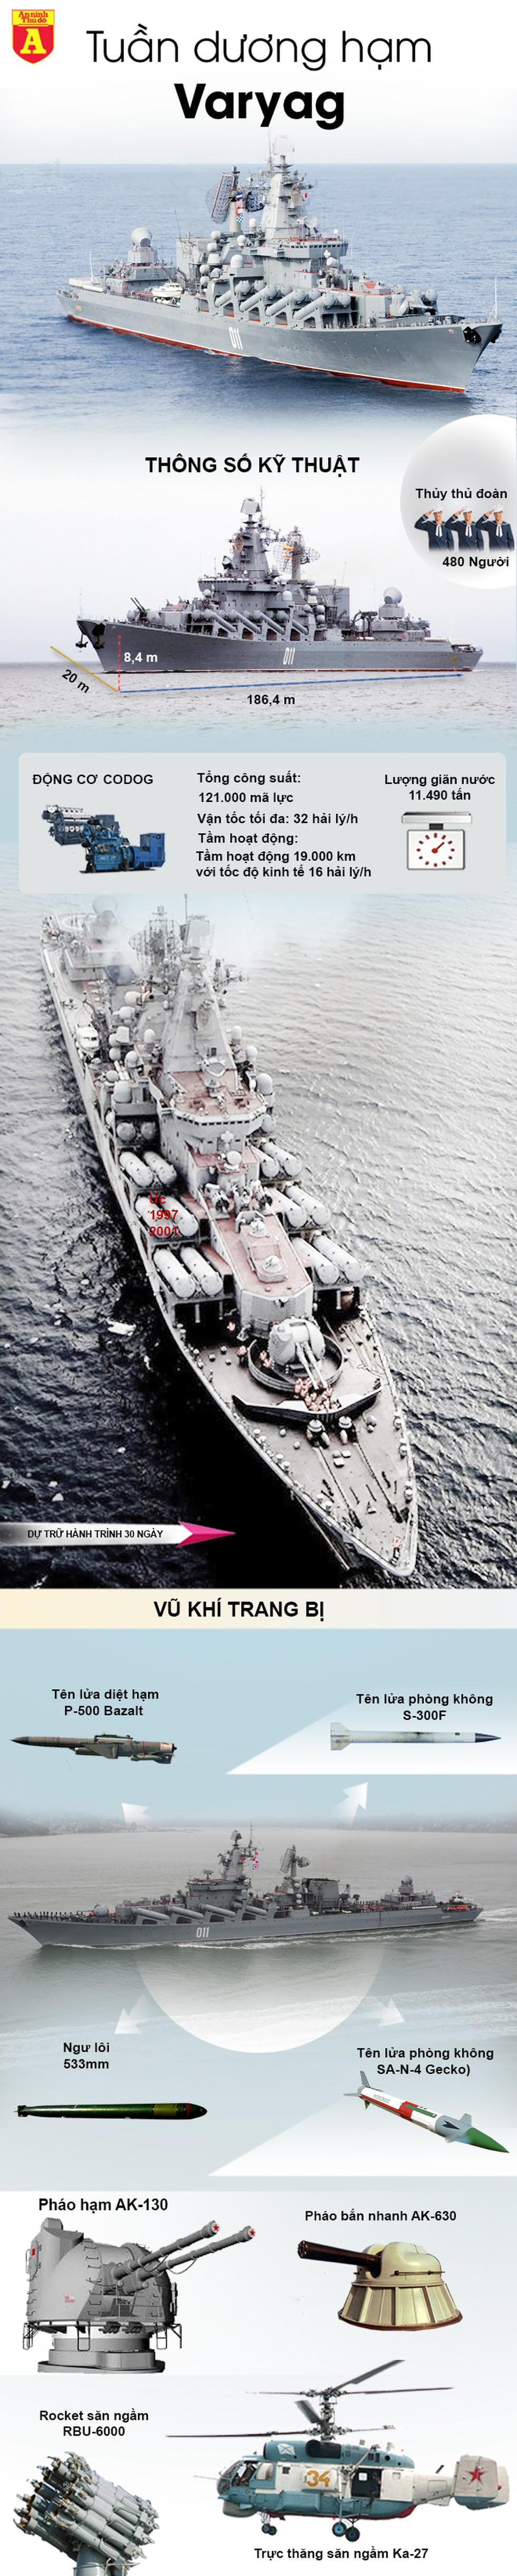 [Infographics] Tuần dương hạm Varyag cực mạnh của Nga tới Biển Đông - Ảnh 1